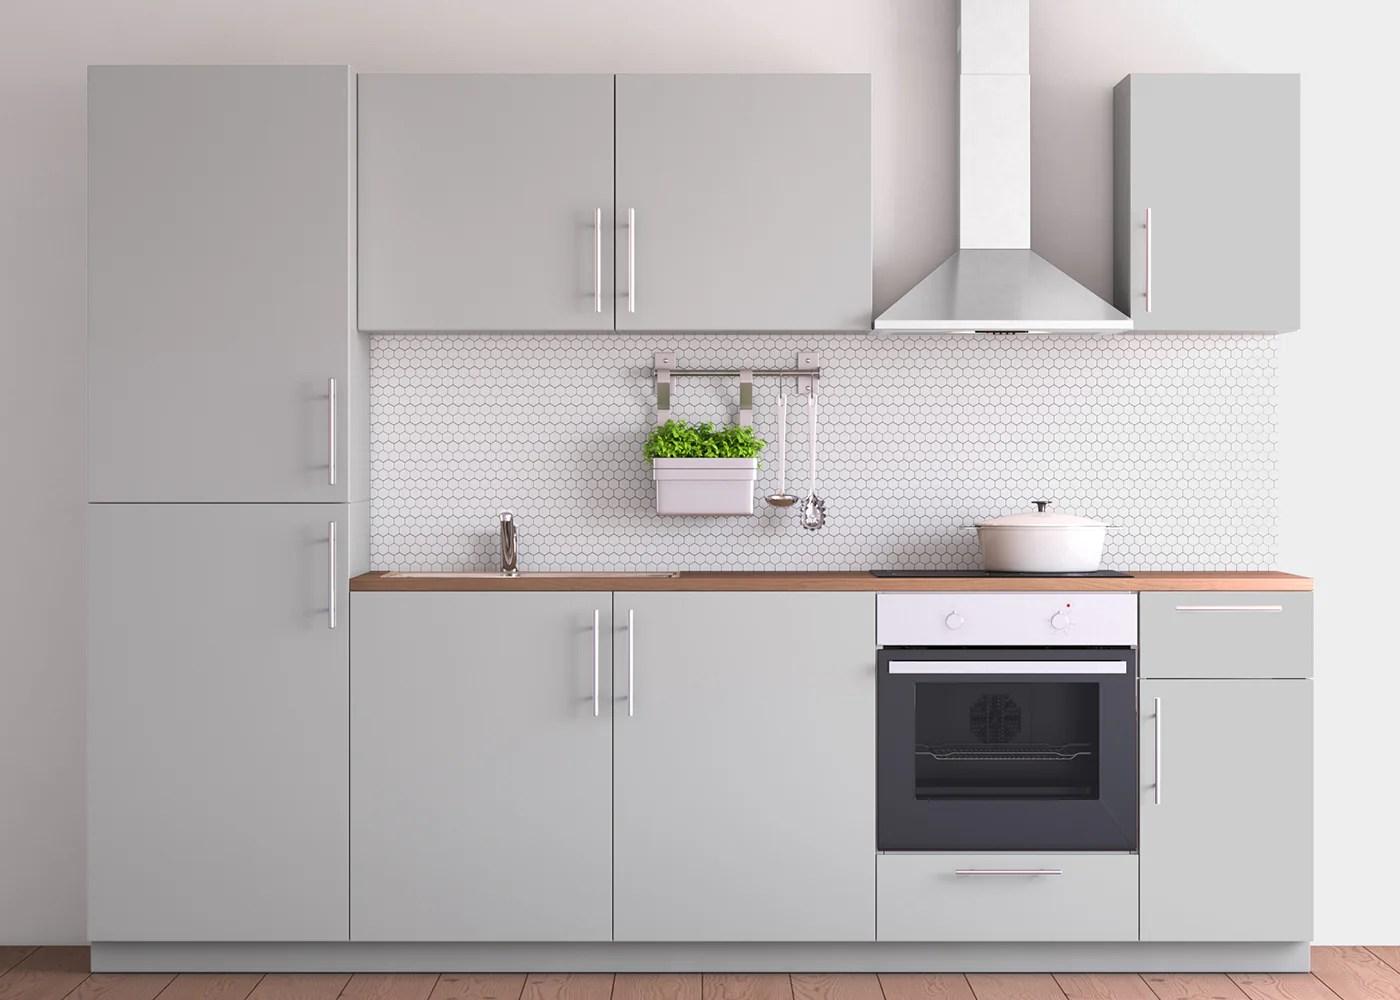 Ikea Küche Hellgrau Hochglanz Küche Metod Weiß Maximera ...